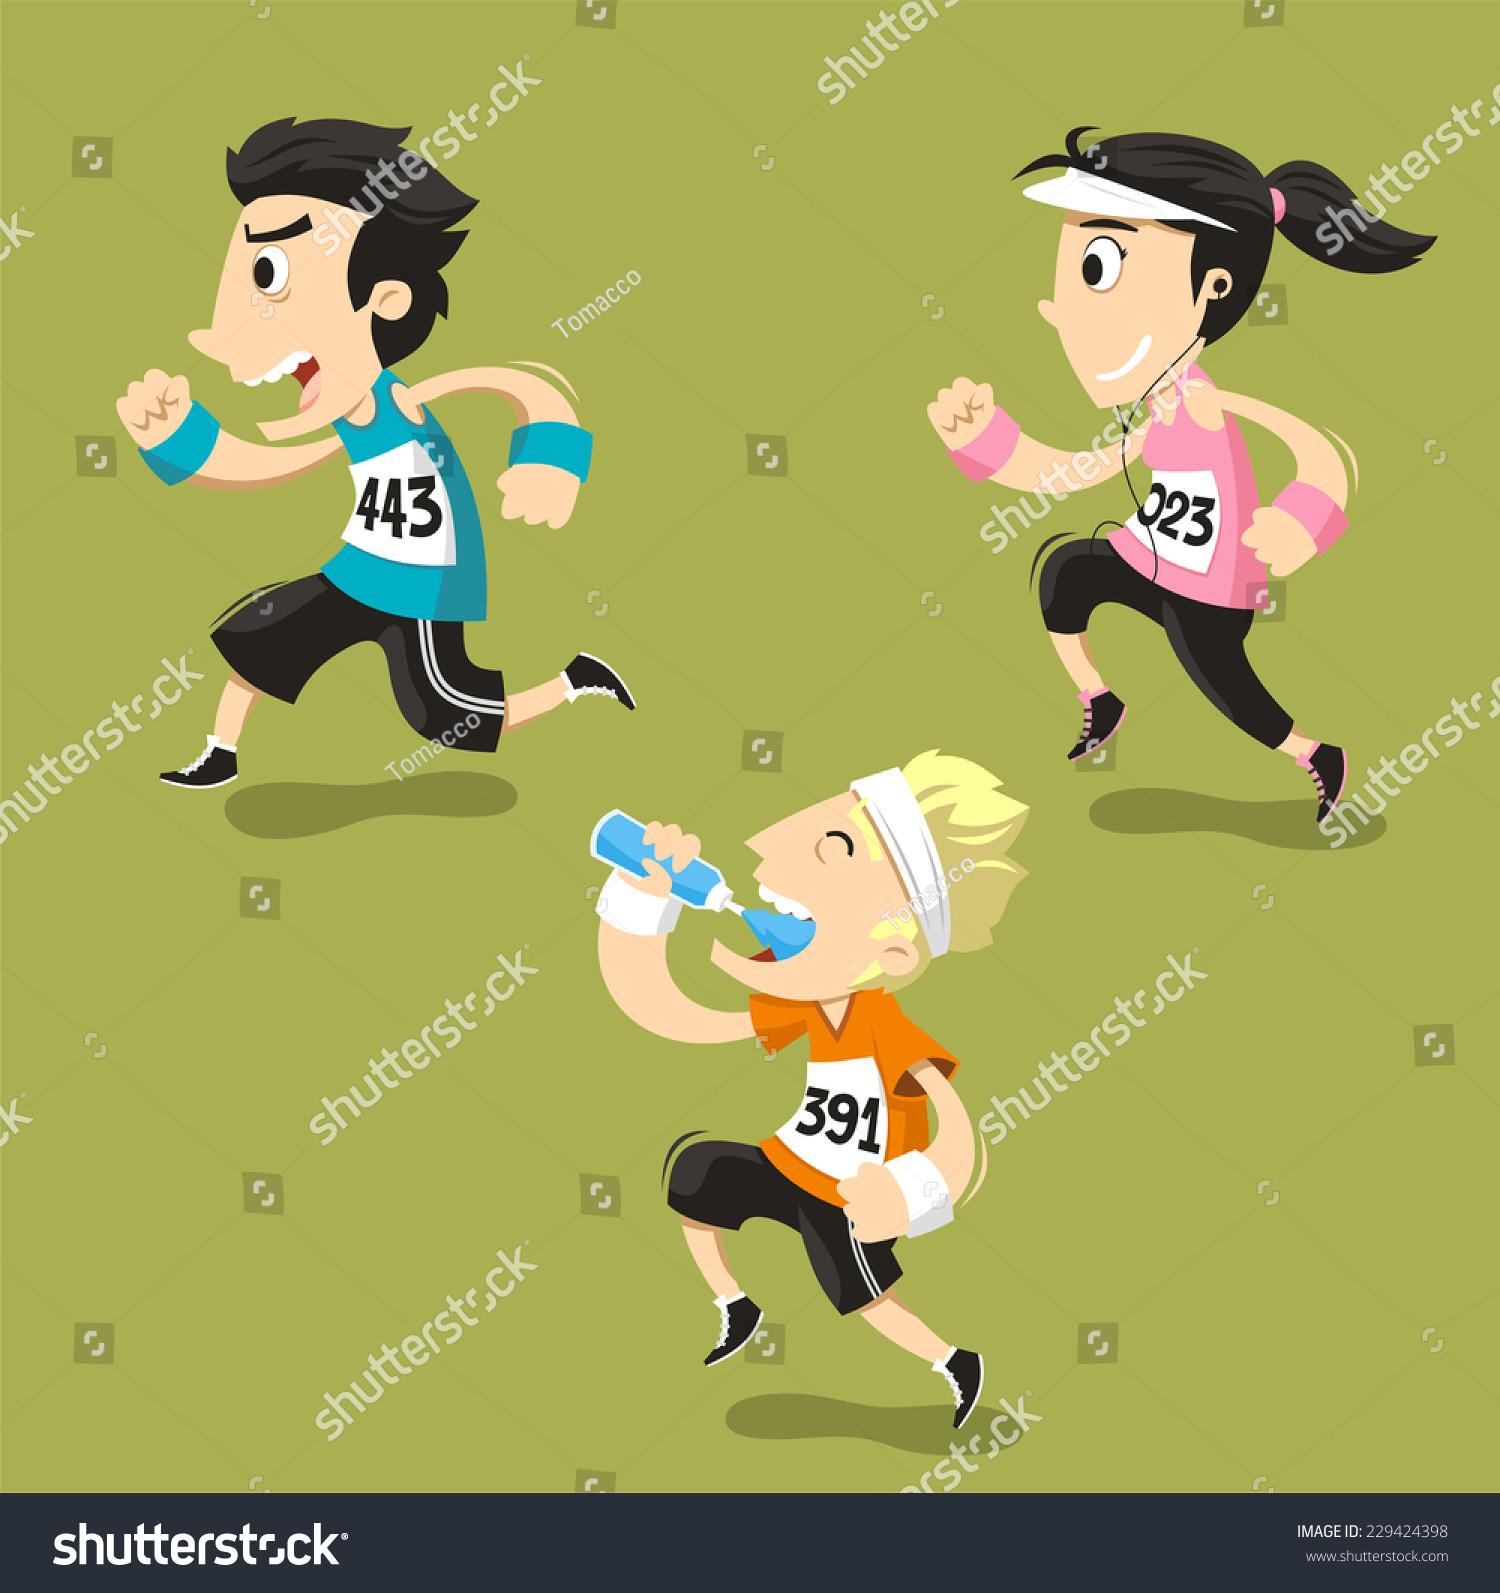 跑步跑步运动员训练慢跑,矢量插图漫画.-人物,运动